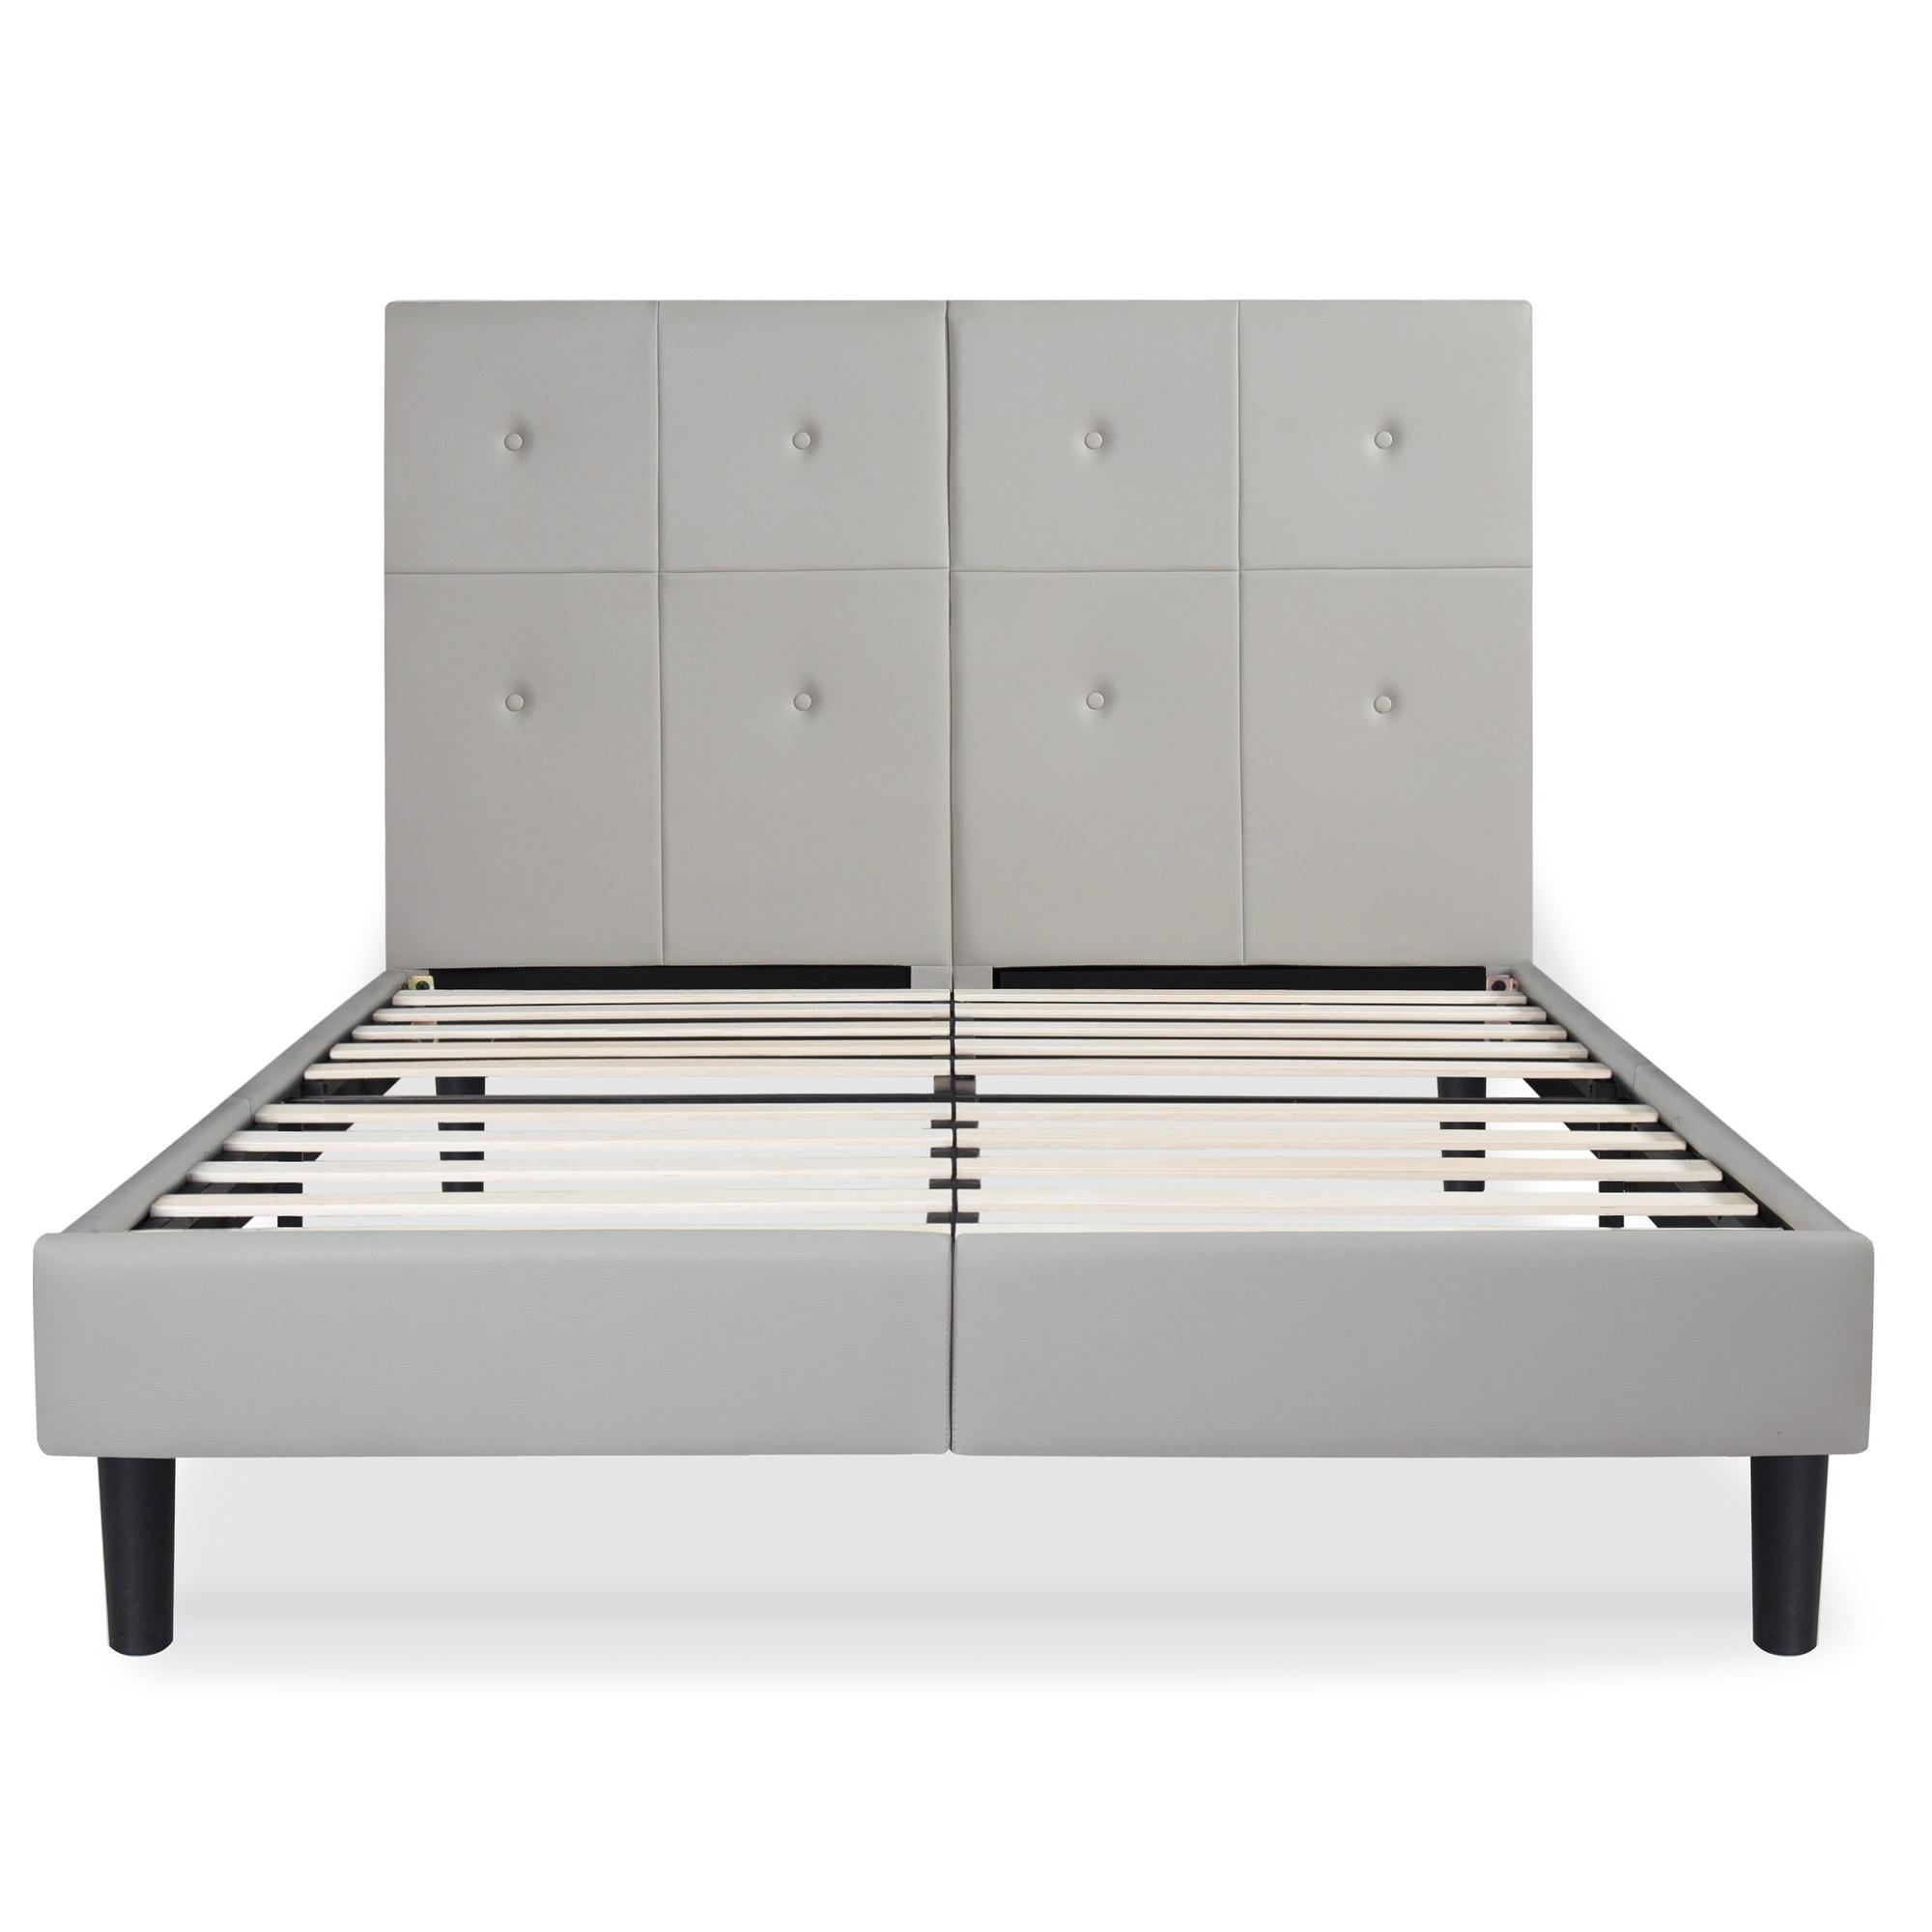 Buy Adjustable Bed Frames Online at Overstock.com | Our Best Bedroom ...